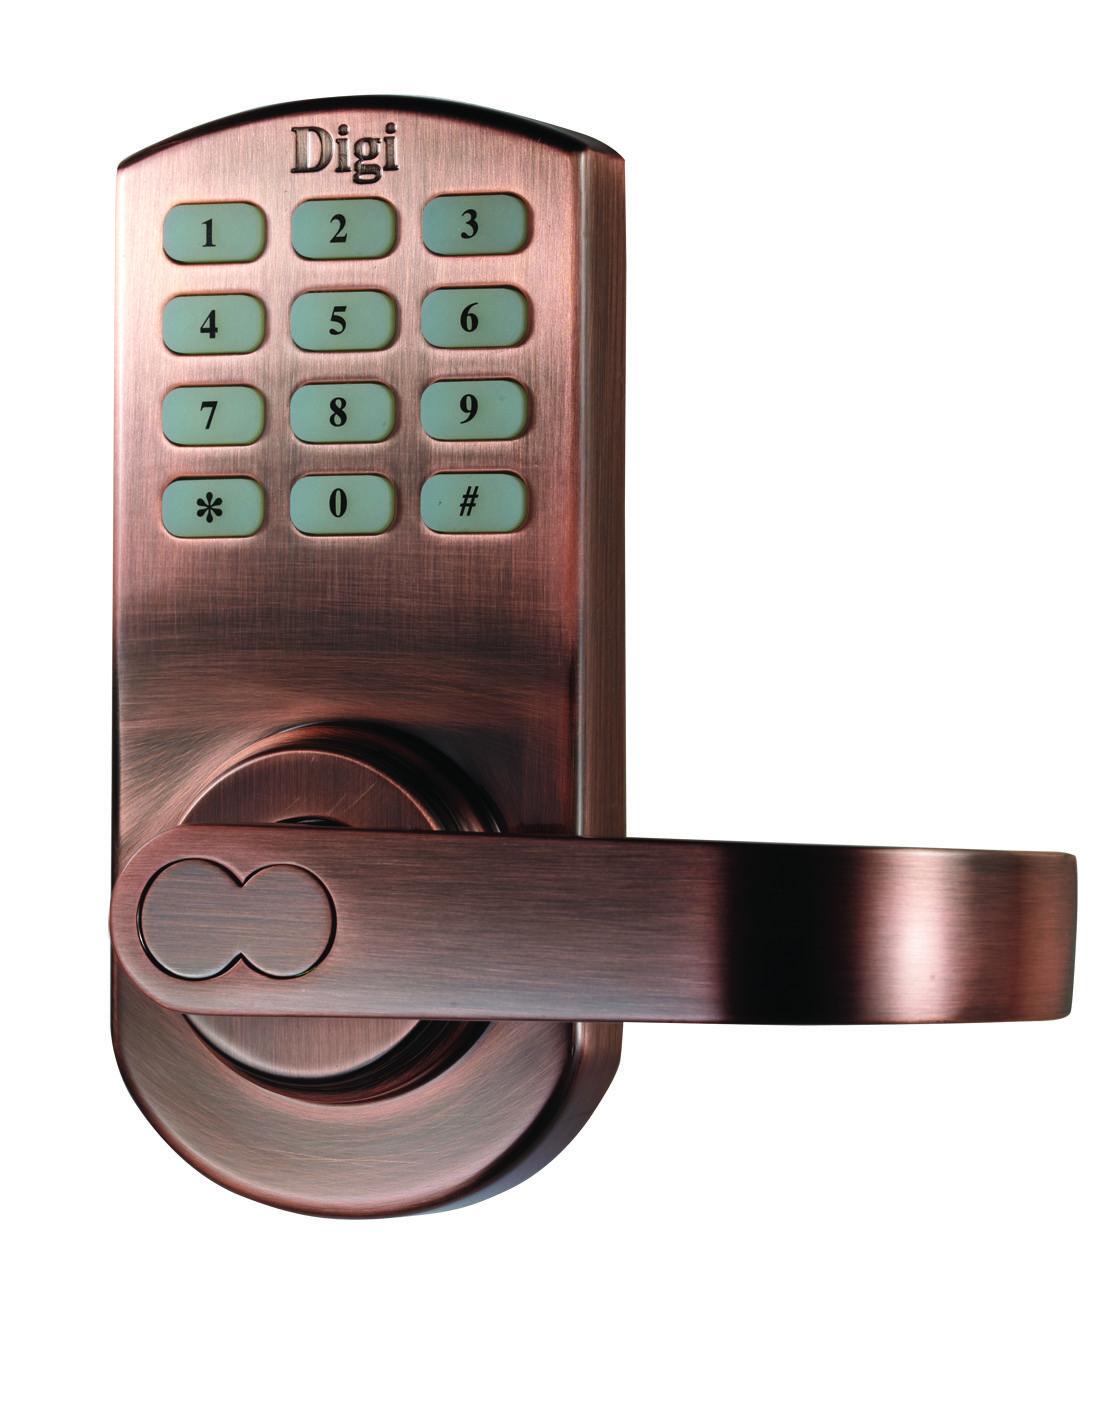 Digi Digital Electronic Keypad Door Password Open Mechanical Keys Gold Lock Keyless 6600 209 Antique Copperspecial Color Requirement Accepted Digifingerprint Doorlock Satin Chrome Handdoor